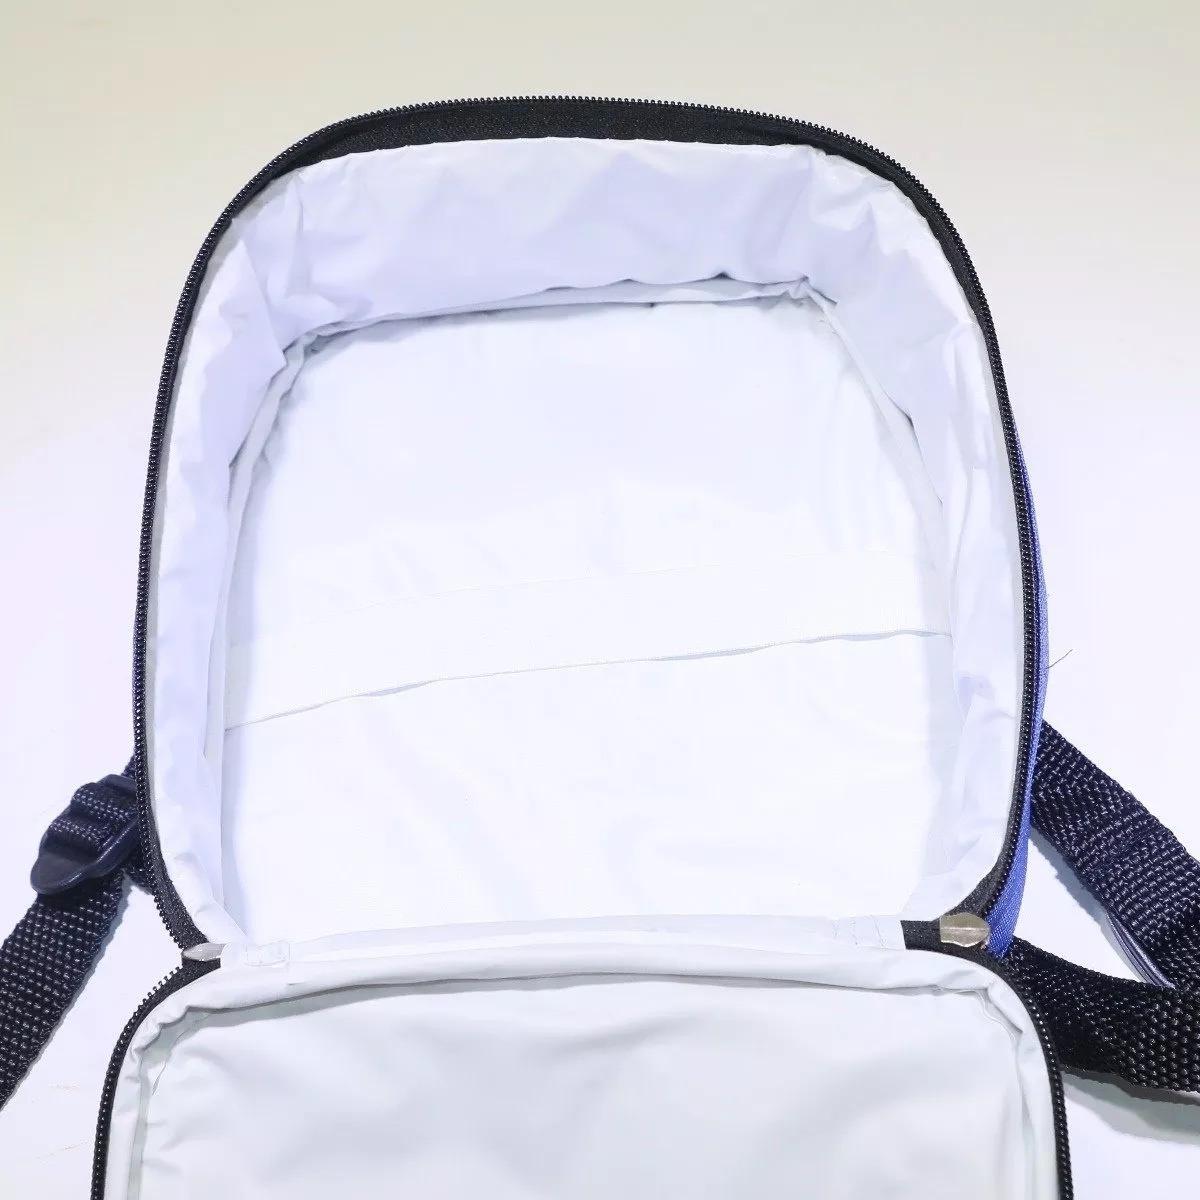 30c35c6243c1a6 kit mochila escolar mickey de carrinho + lancheira menino. Carregando zoom.